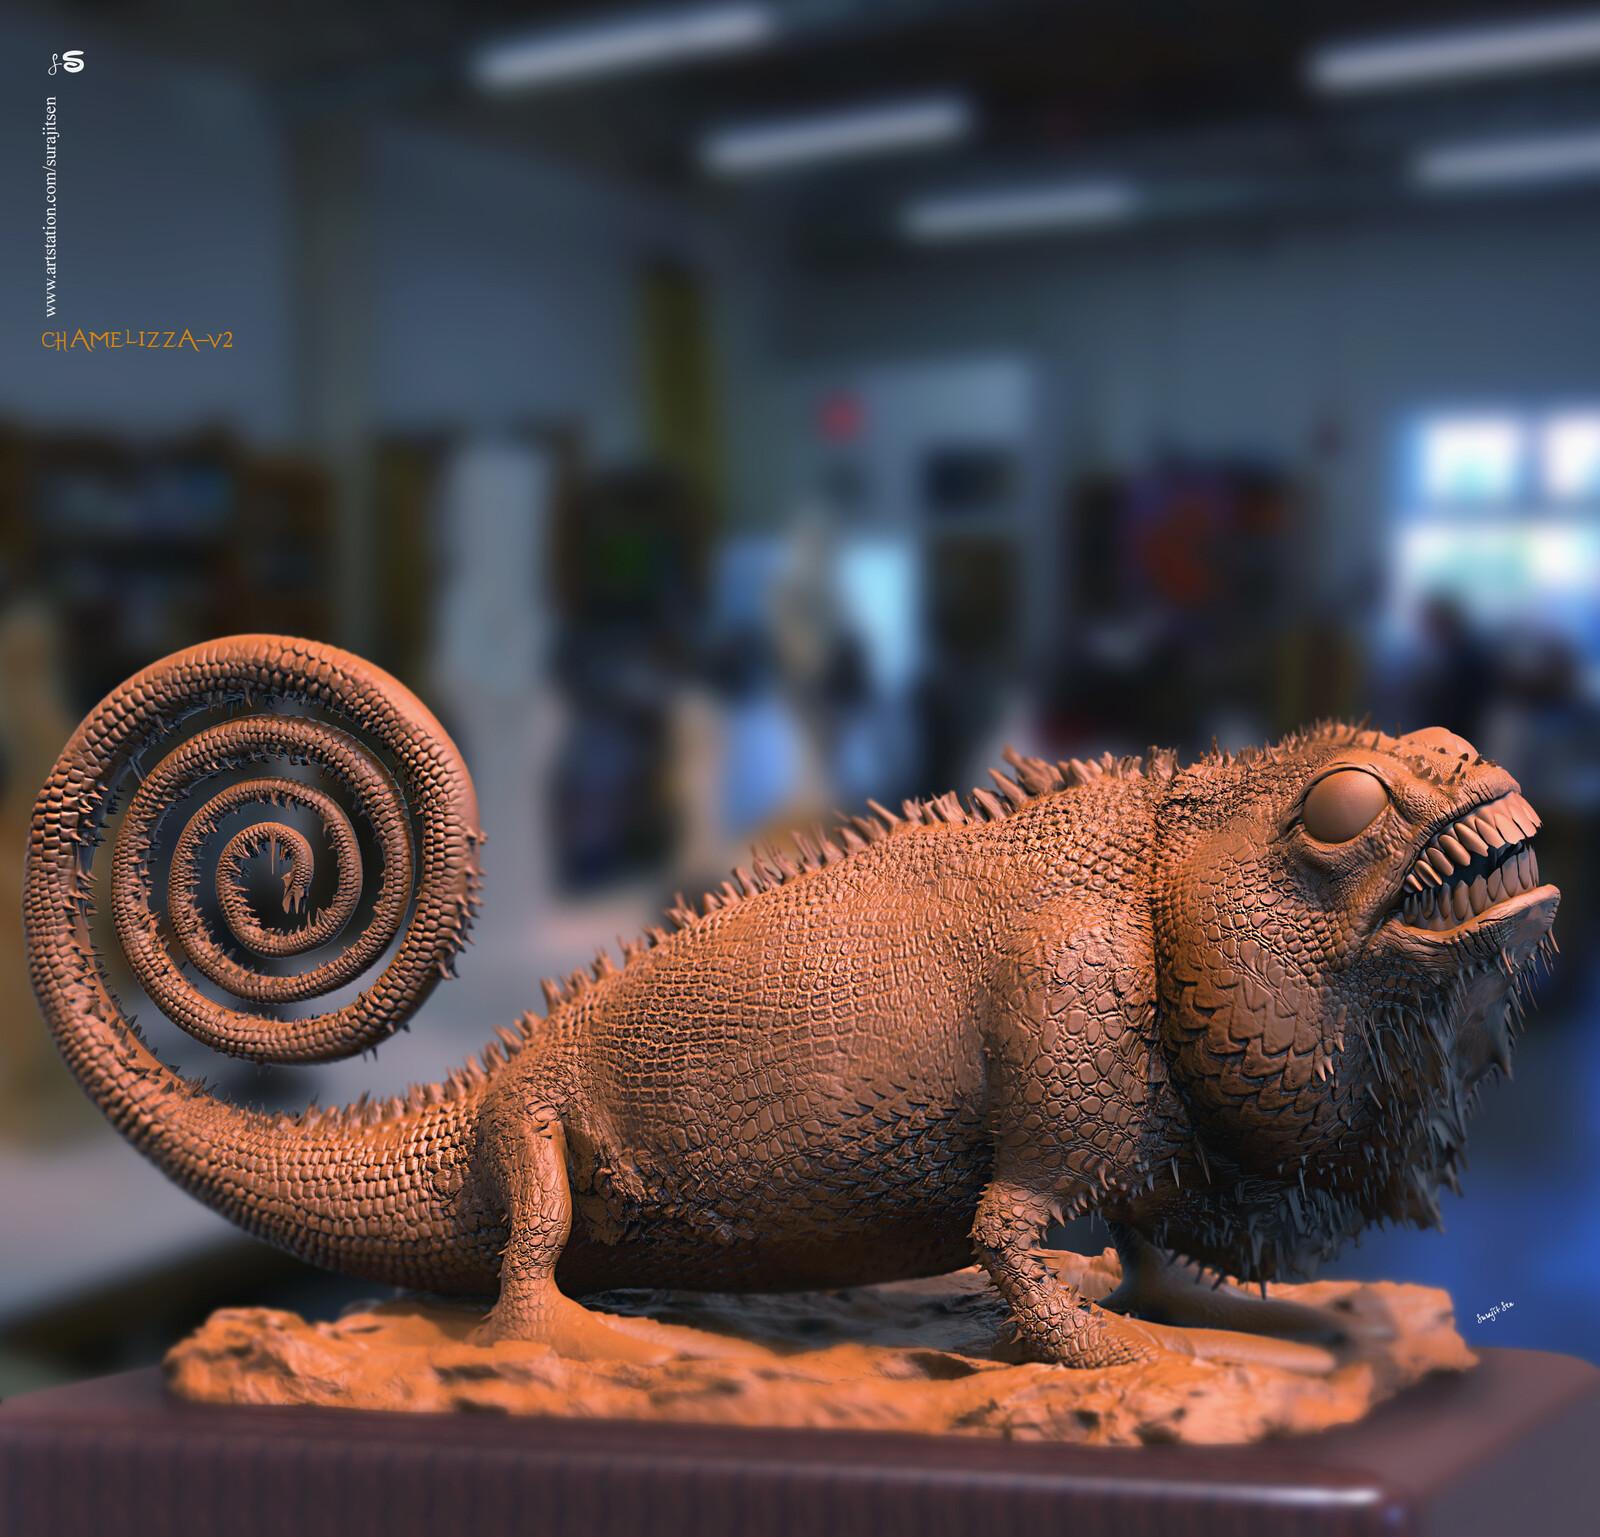 Chamelizza-v2 Digital Sculpture. Study.